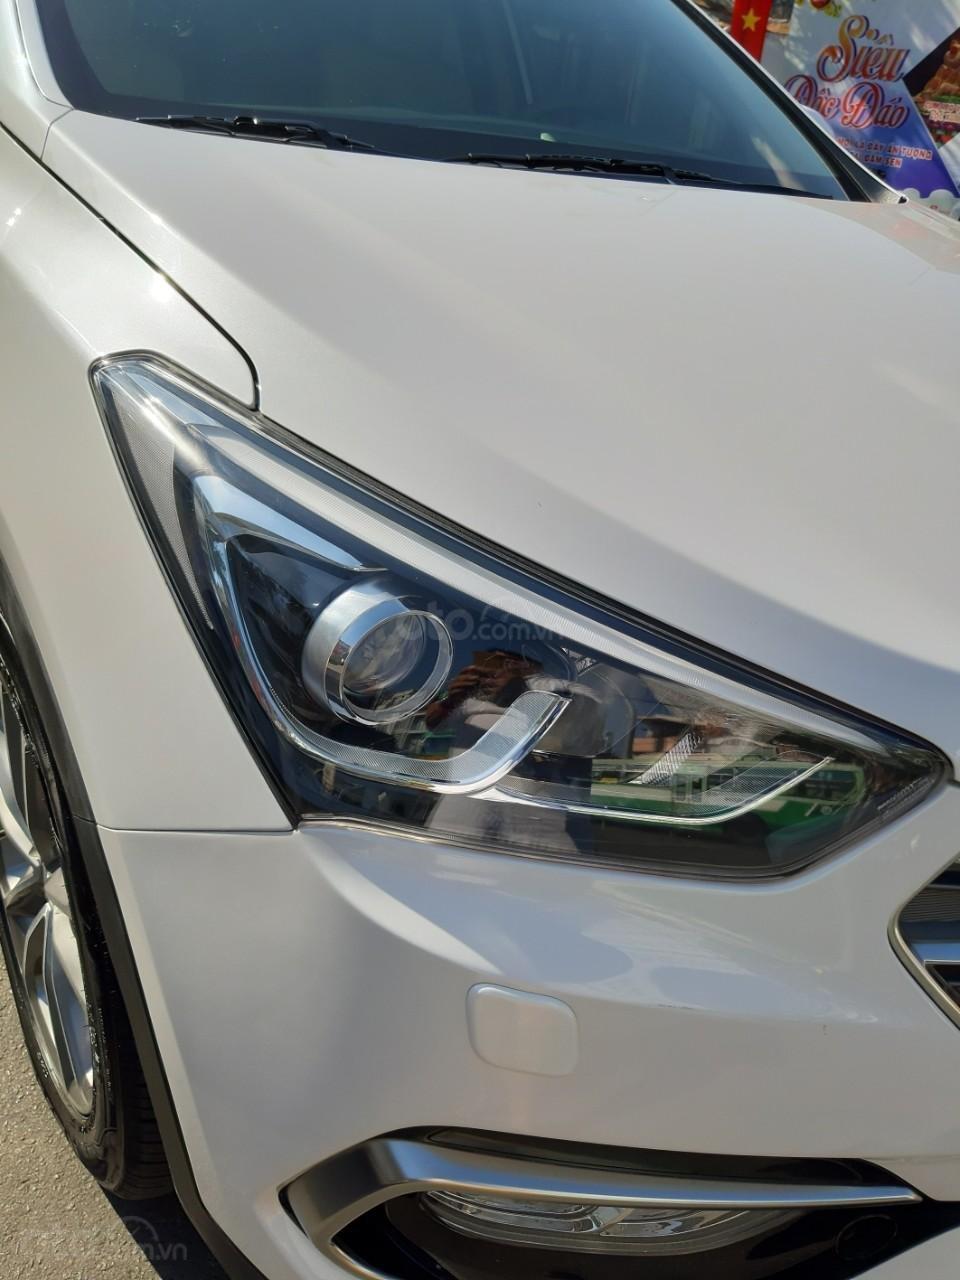 Hyundai Santa Fe CRDi model 2017, màu trắng, nhập khẩu còn mới toanh, full option loại cao cấp nhất, 1 tỷ 50tr-13